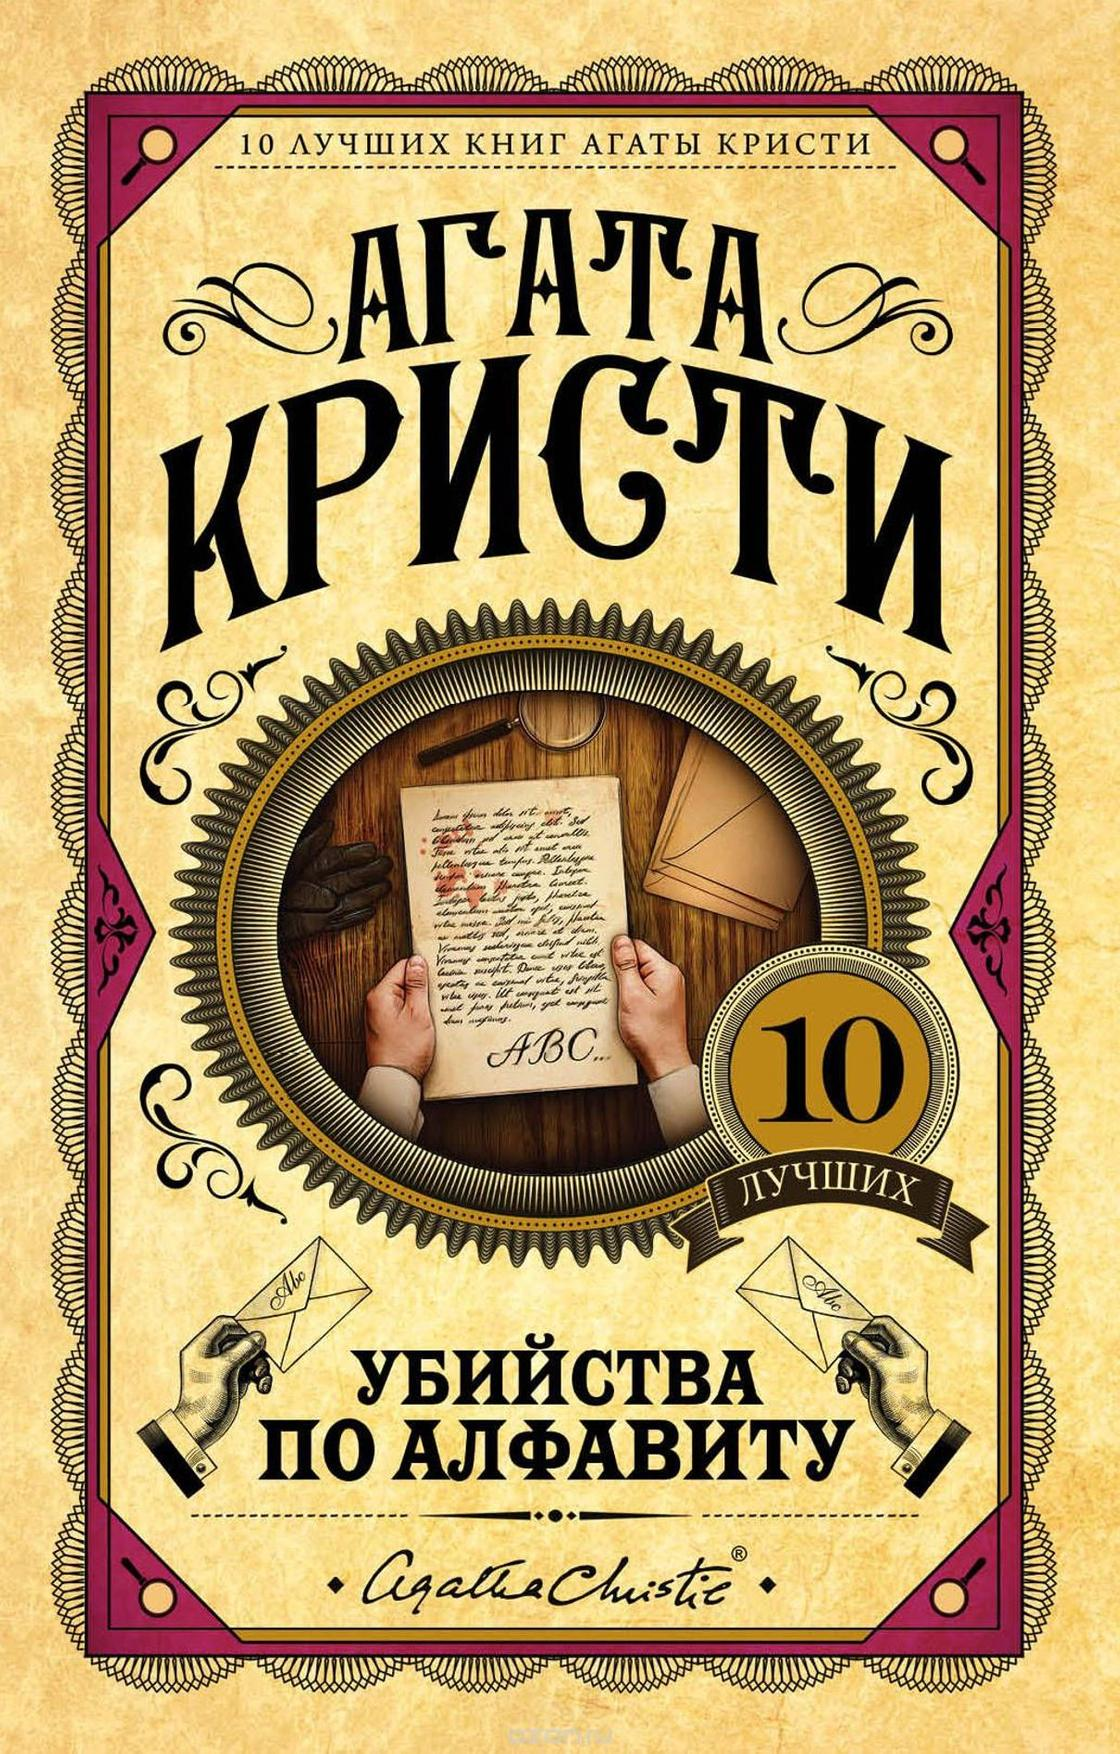 Агата Кристи: книги лучшие